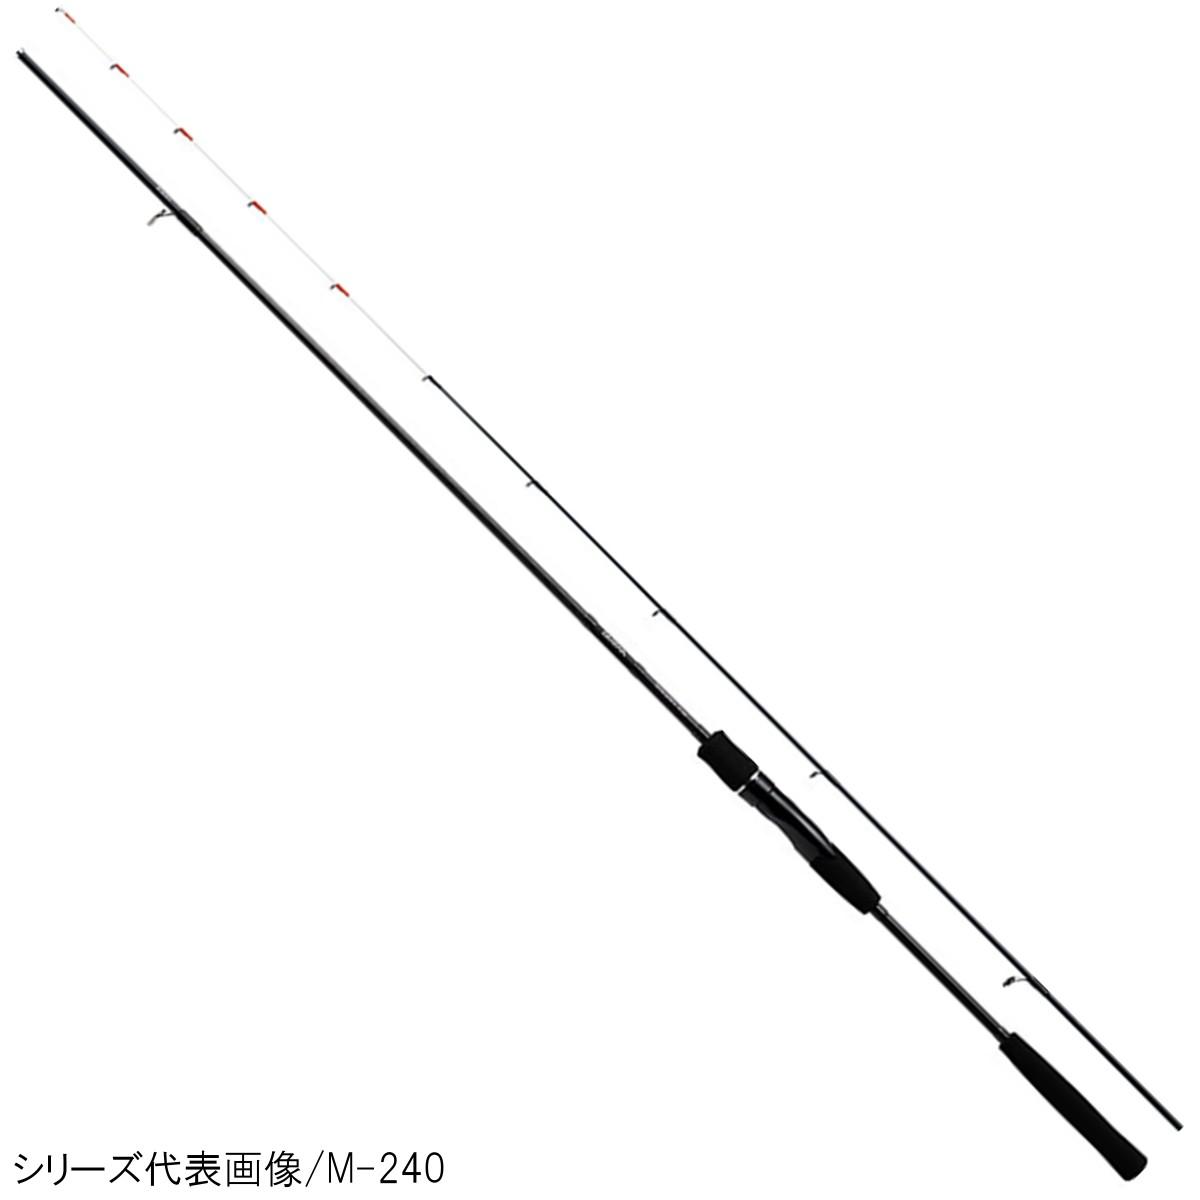 ダイワ テンヤゲーム X X H-240(東日本店), 新雪荘:941f4f05 --- casalva.ai